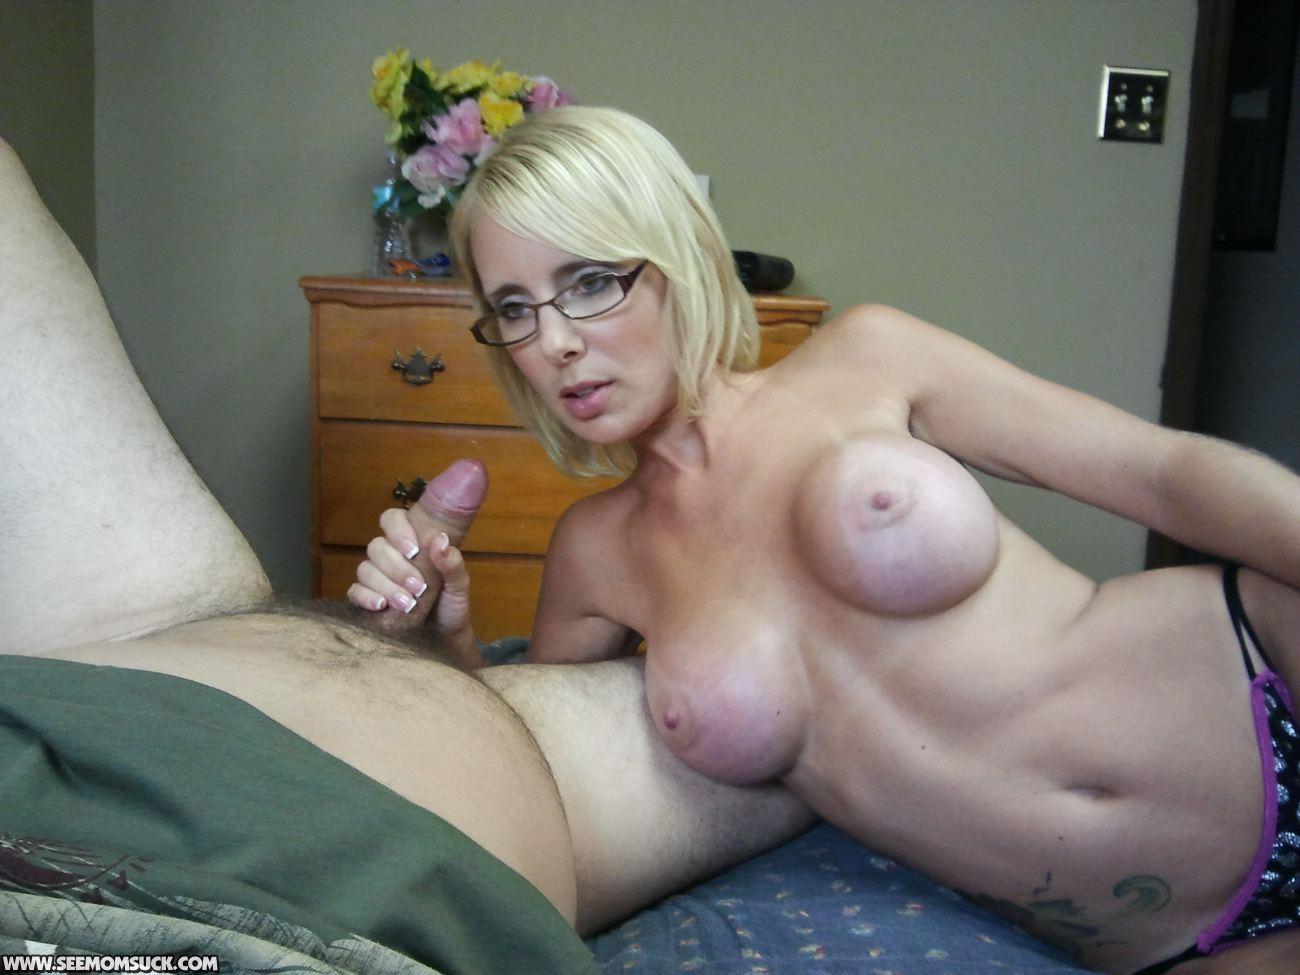 Hot naked girls from denver